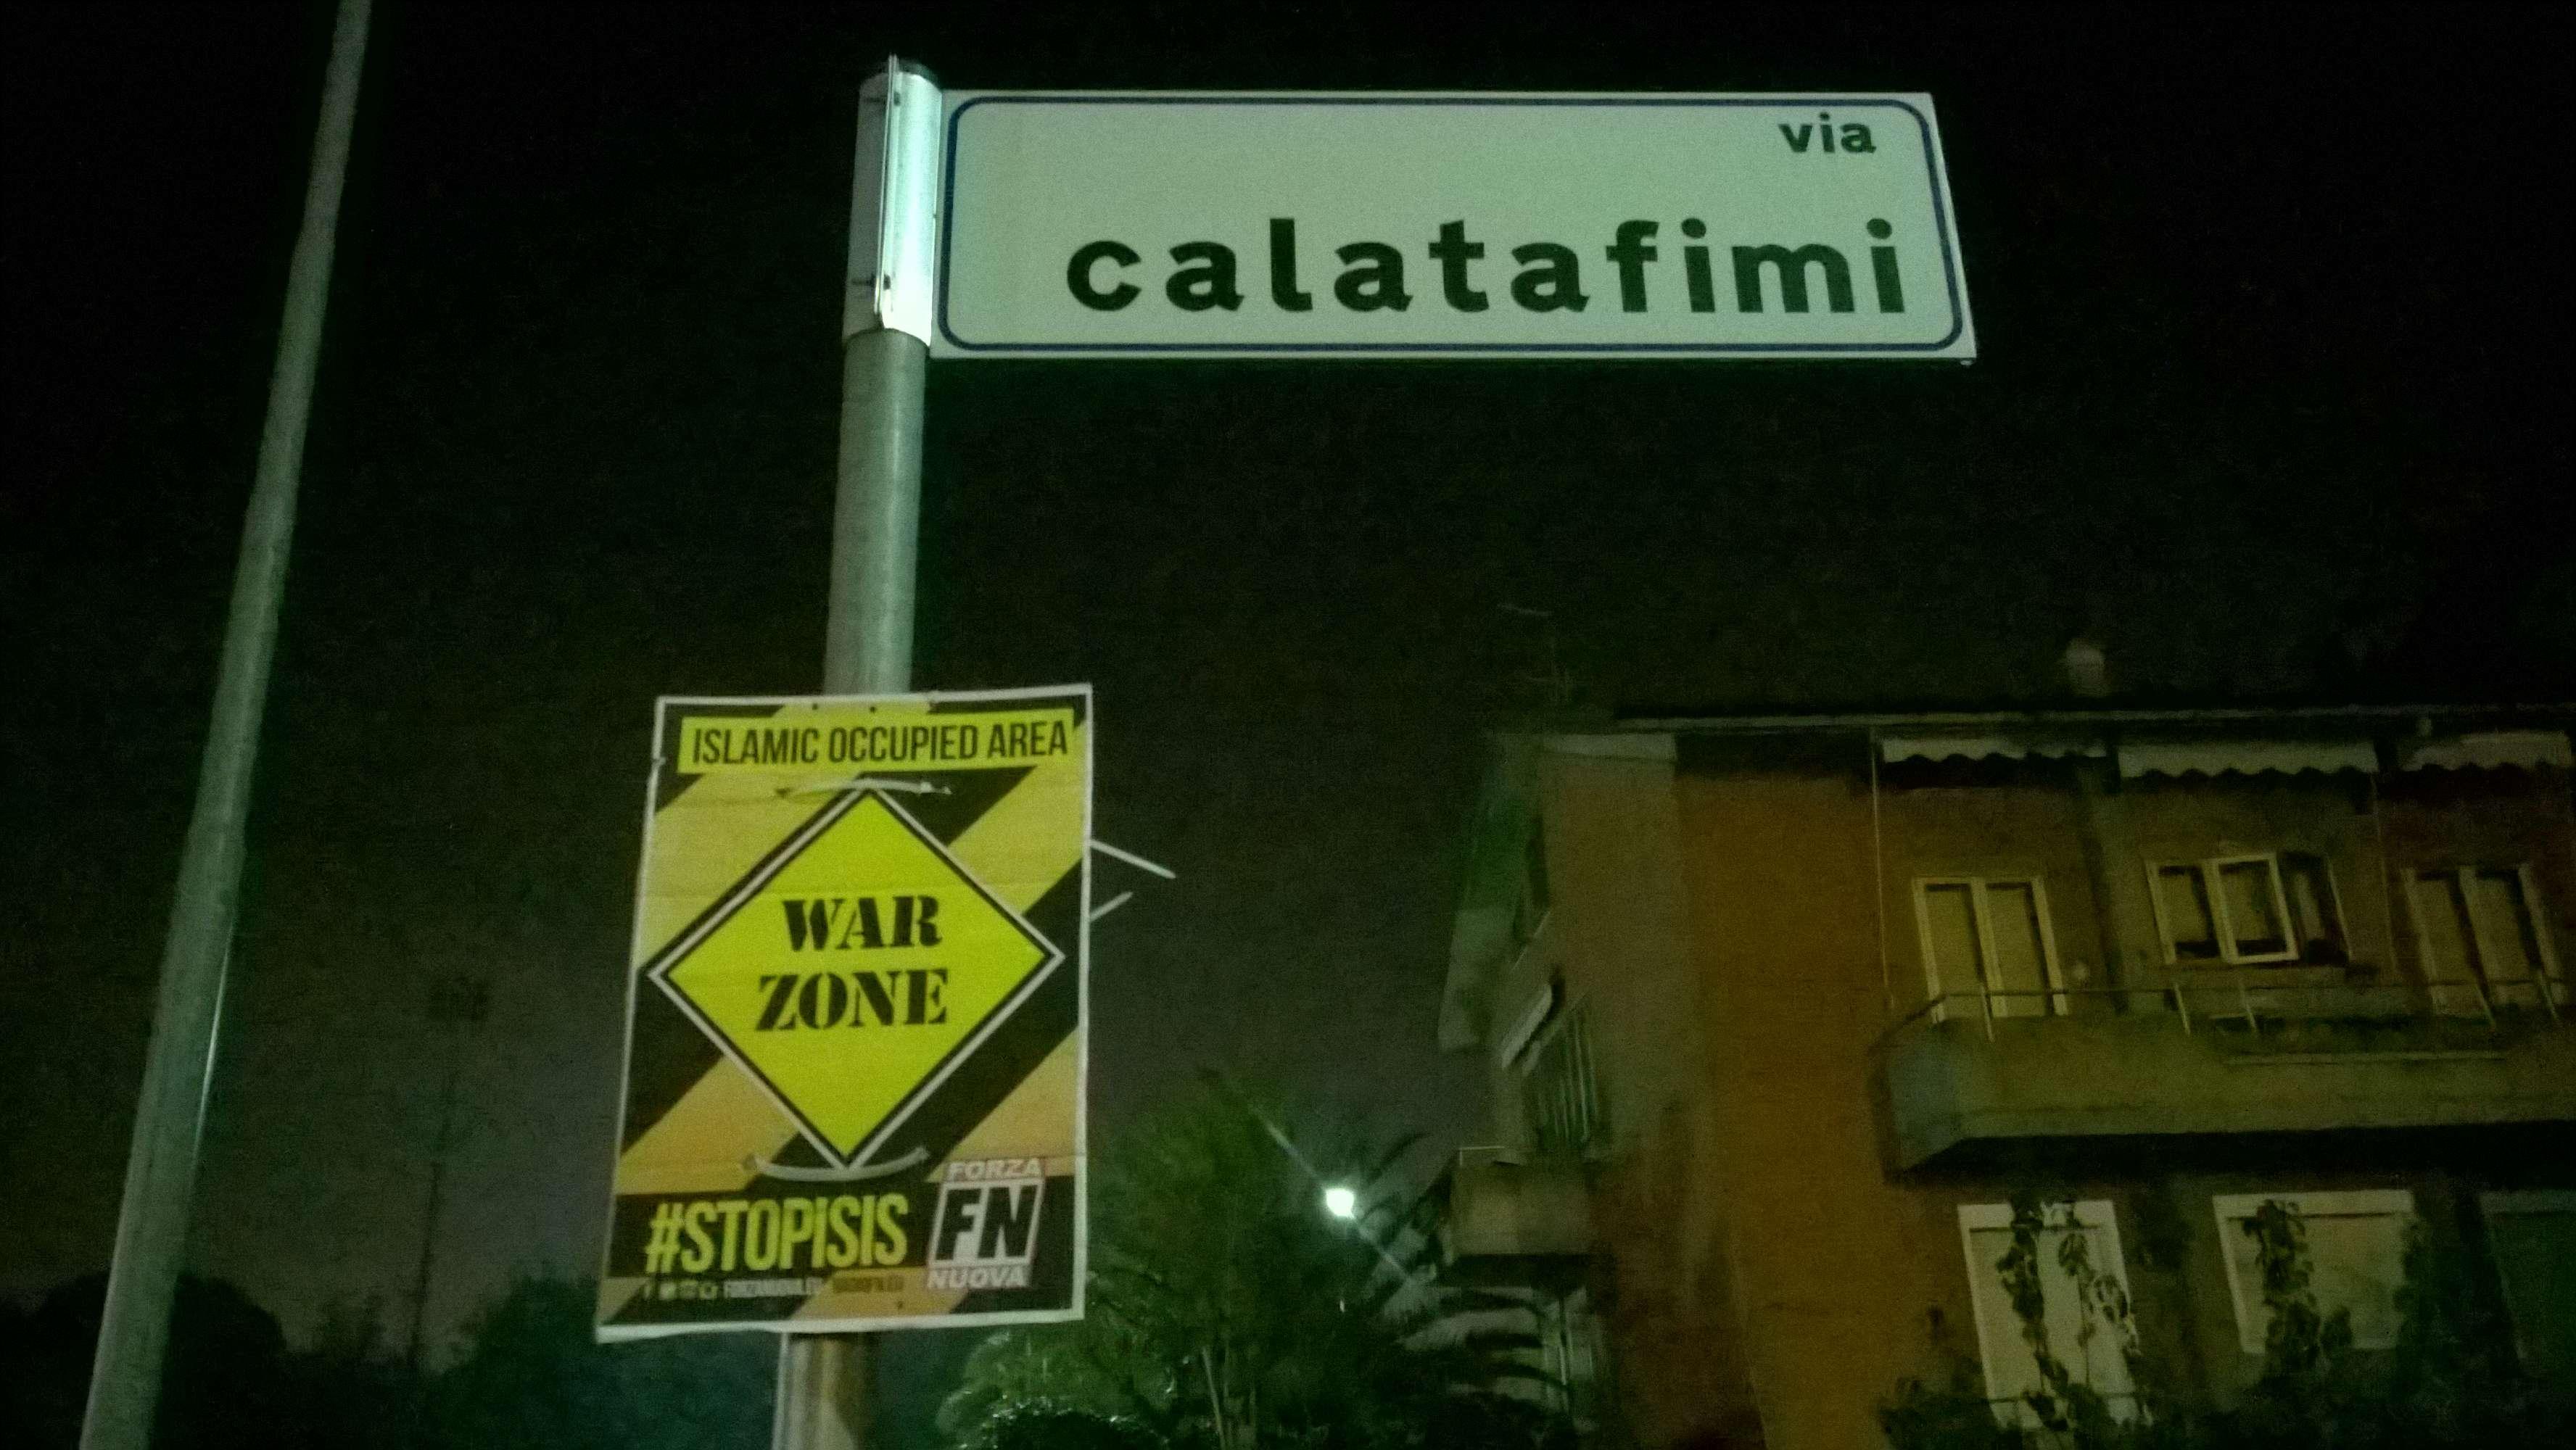 Via Calatafimi Pesaro